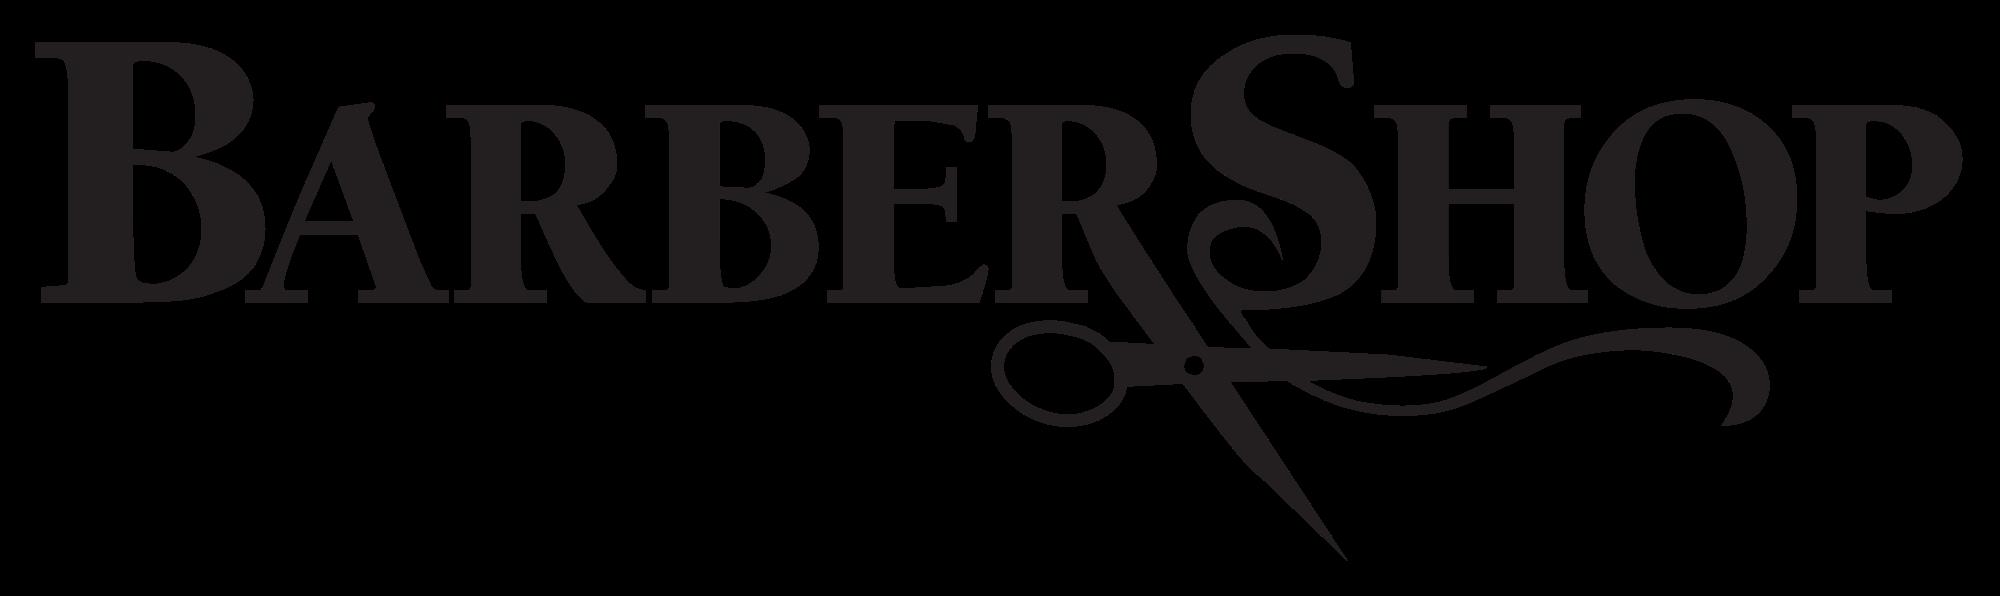 Barber Shop PNG - 162248